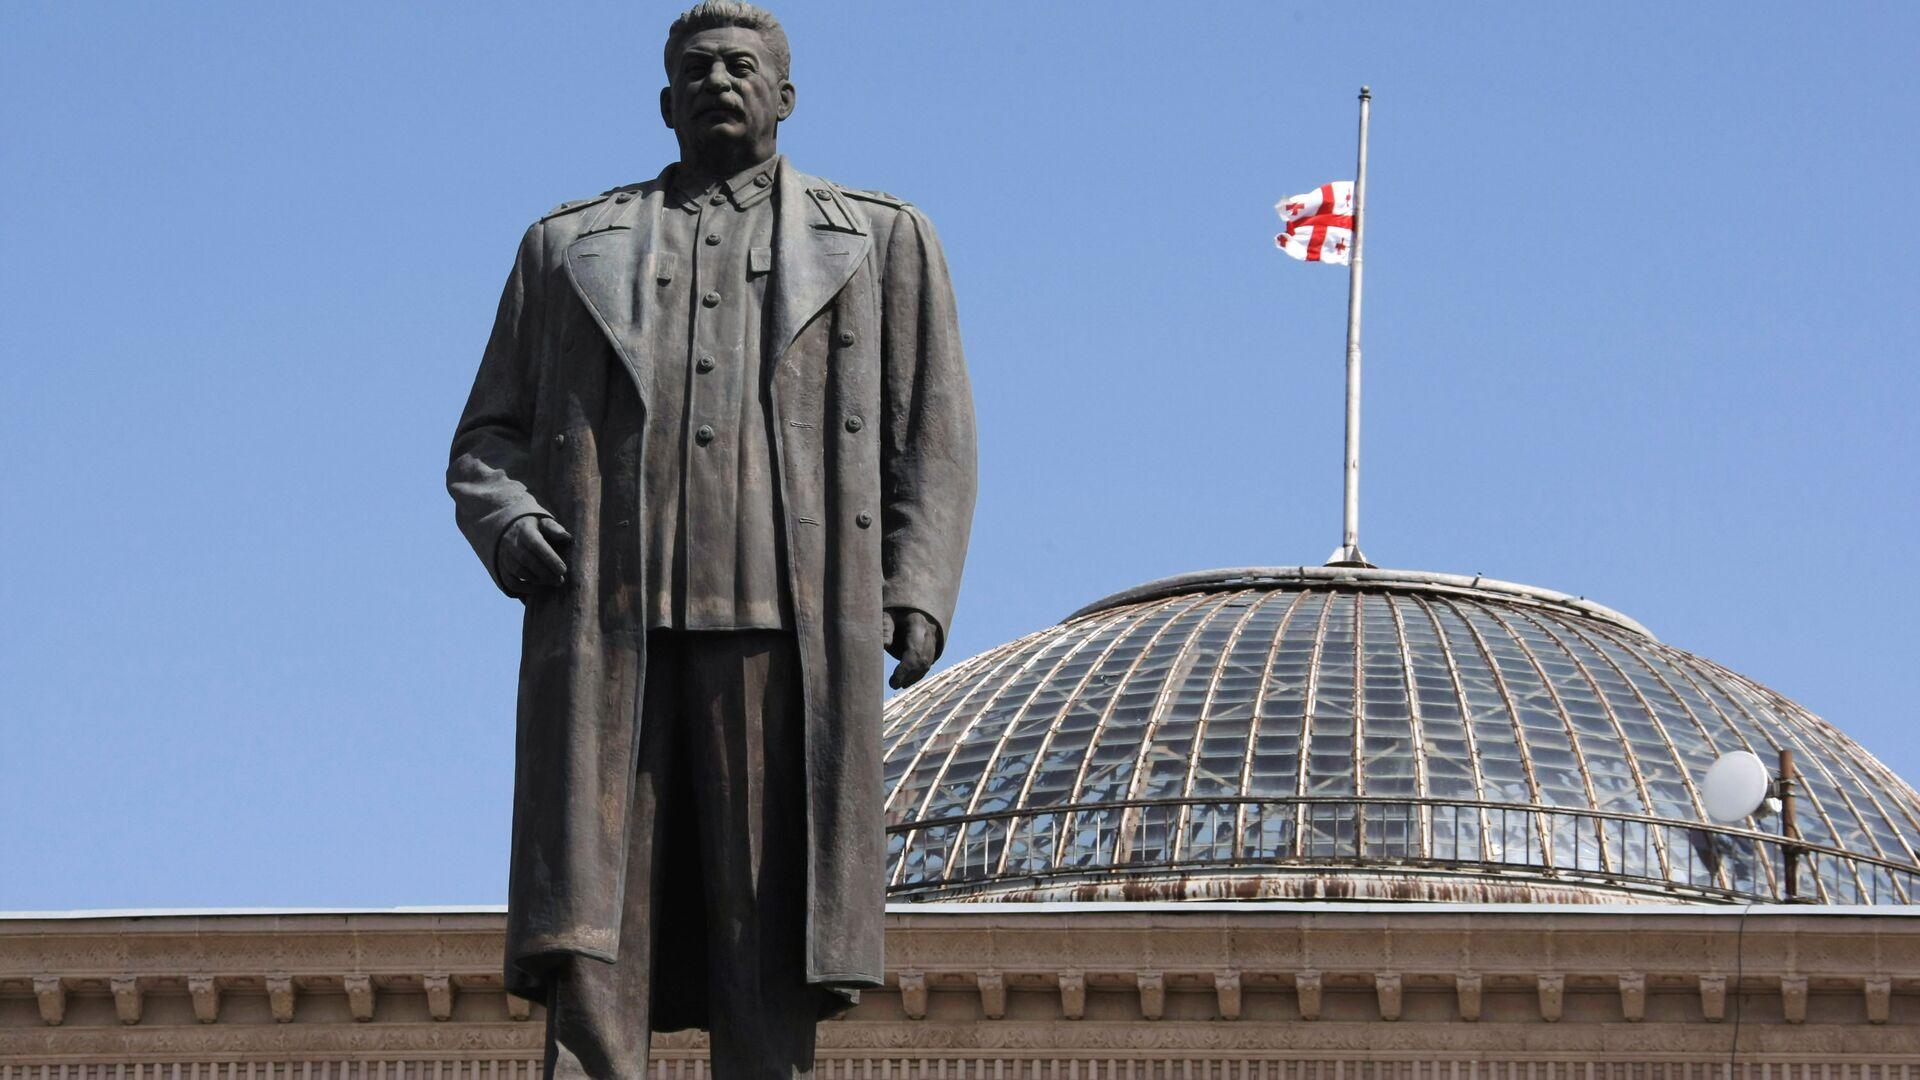 Памятник Иосифу Сталину на центральной площади города Гори - РИА Новости, 1920, 09.05.2021